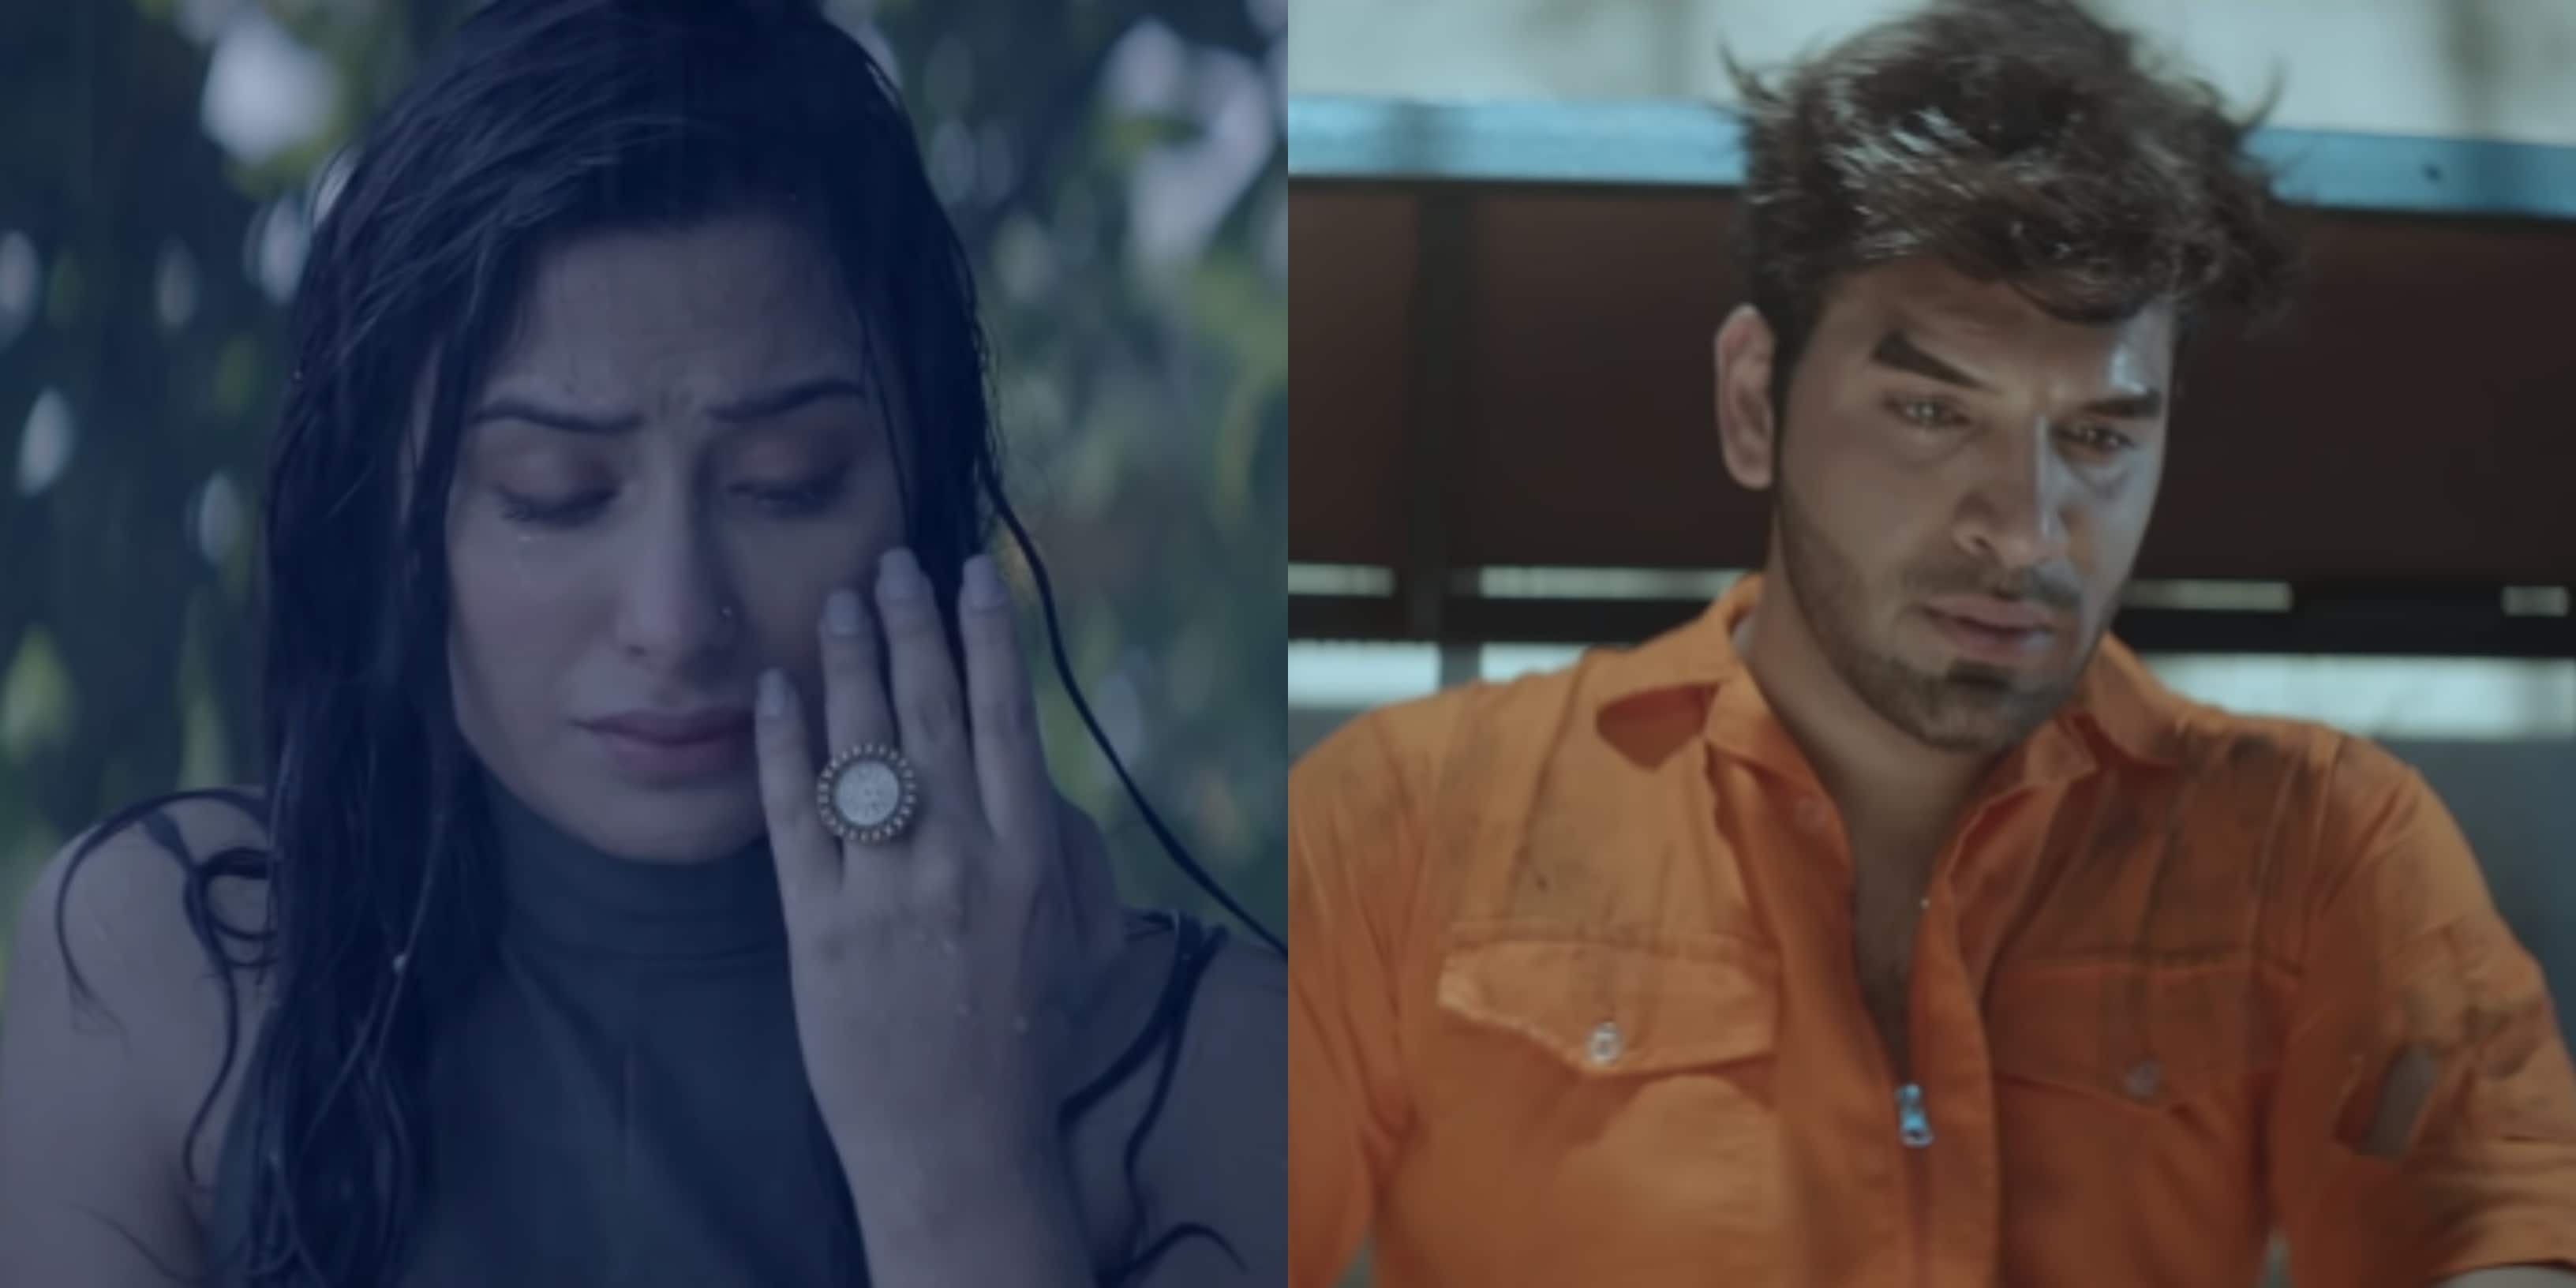 पारस छाबड़ा और माहिरा शर्मा के म्यूजिक वीडियो को आप दोबारा देखने की हिम्मत नहीं कर पाएंगे